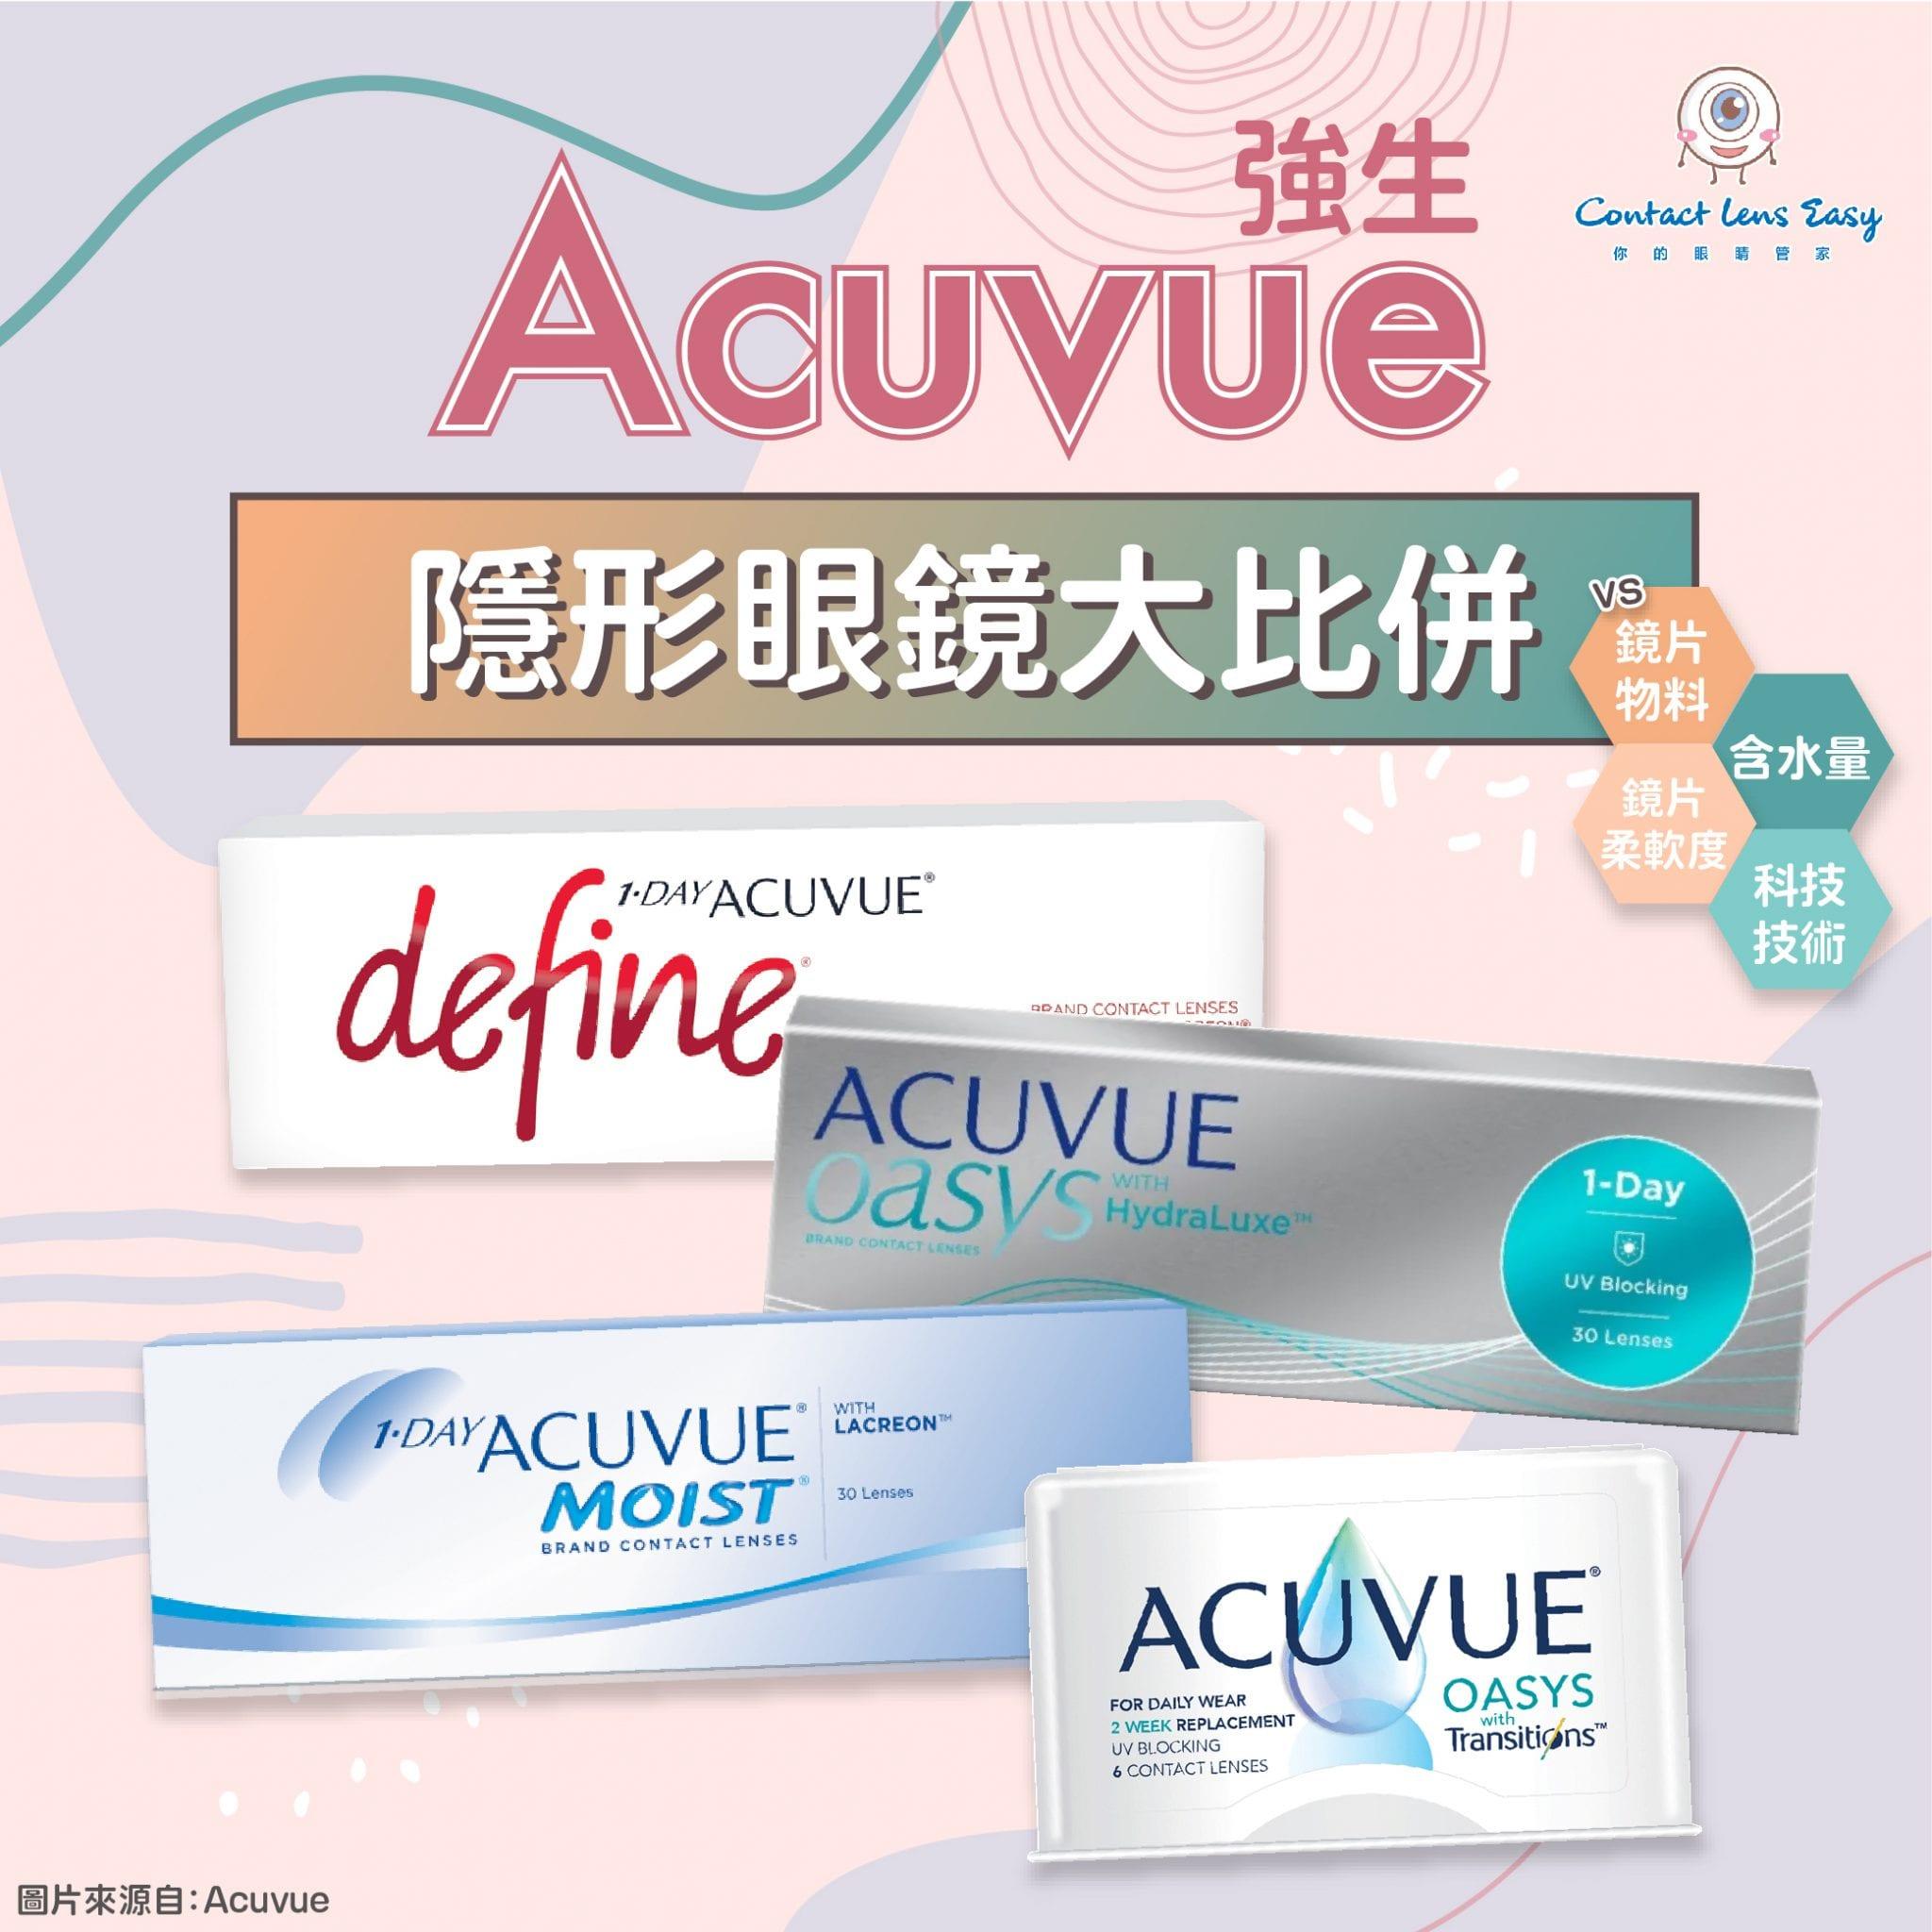 Acuvue 隱形眼鏡評價,價錢及規格比較 (2021年更新)